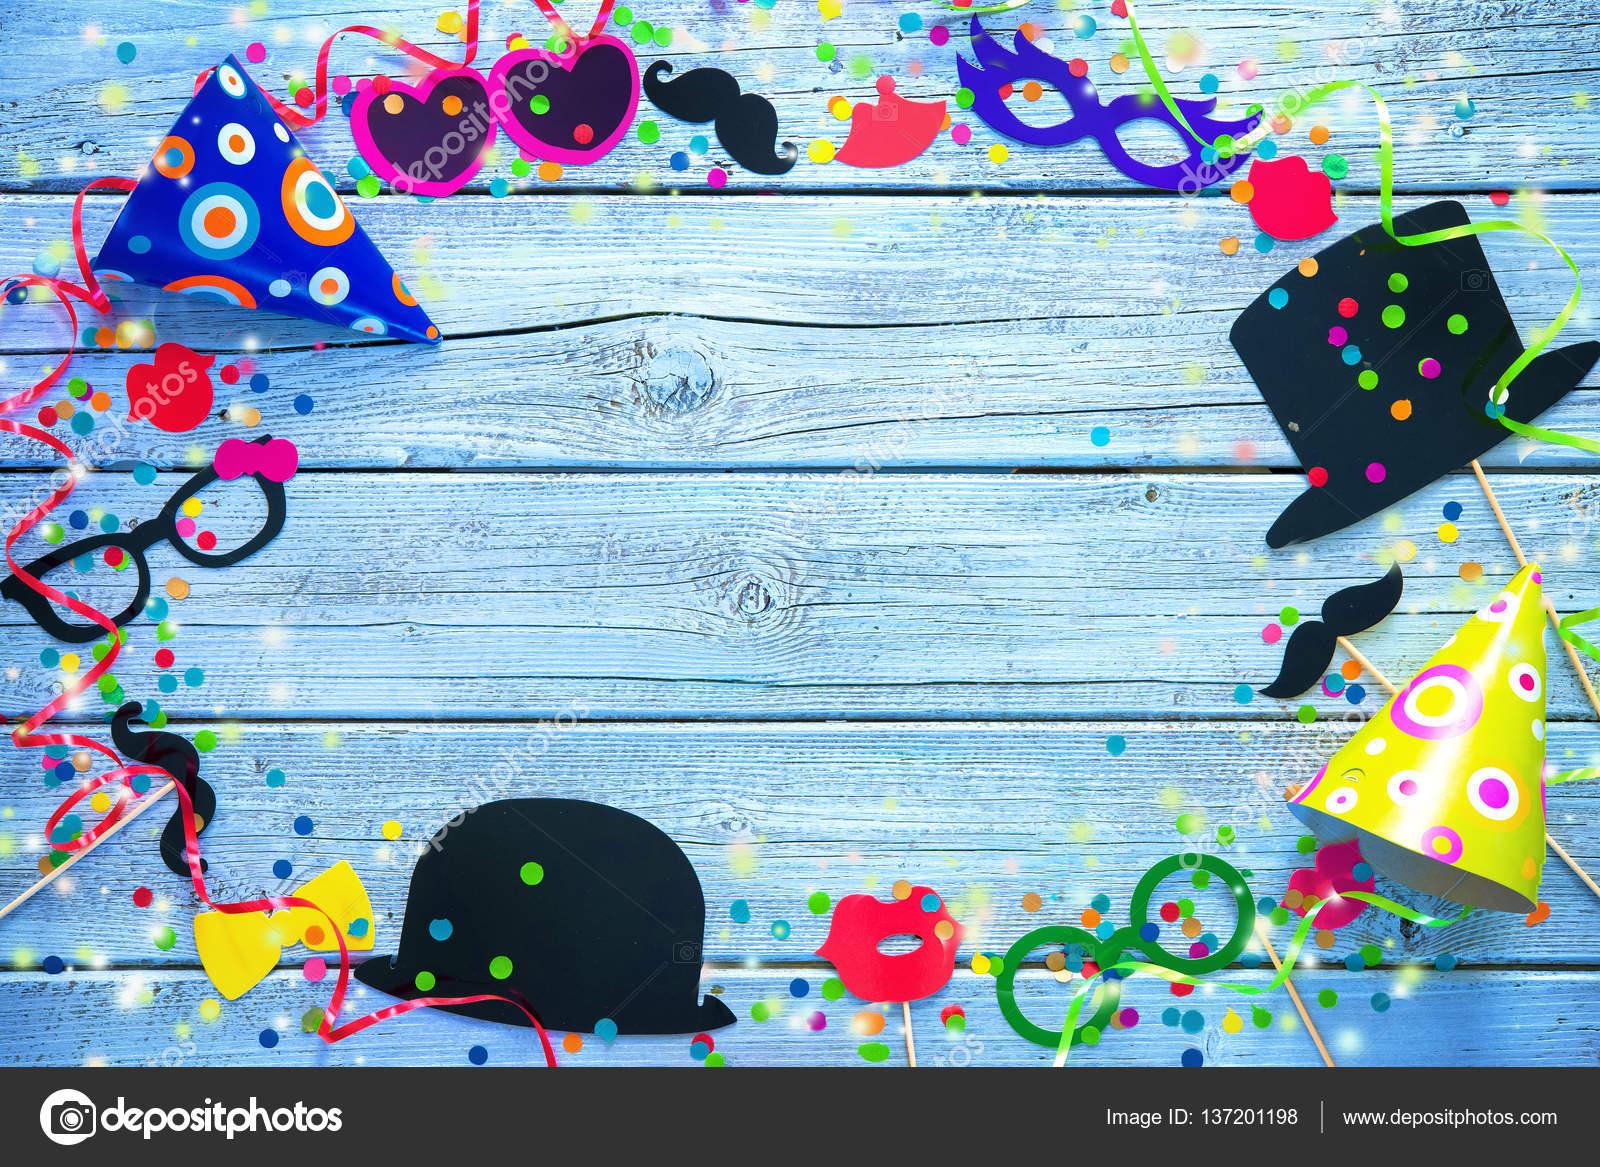 Farbigen Hintergrund Mit Karneval Stand Requisiten Stockfoto